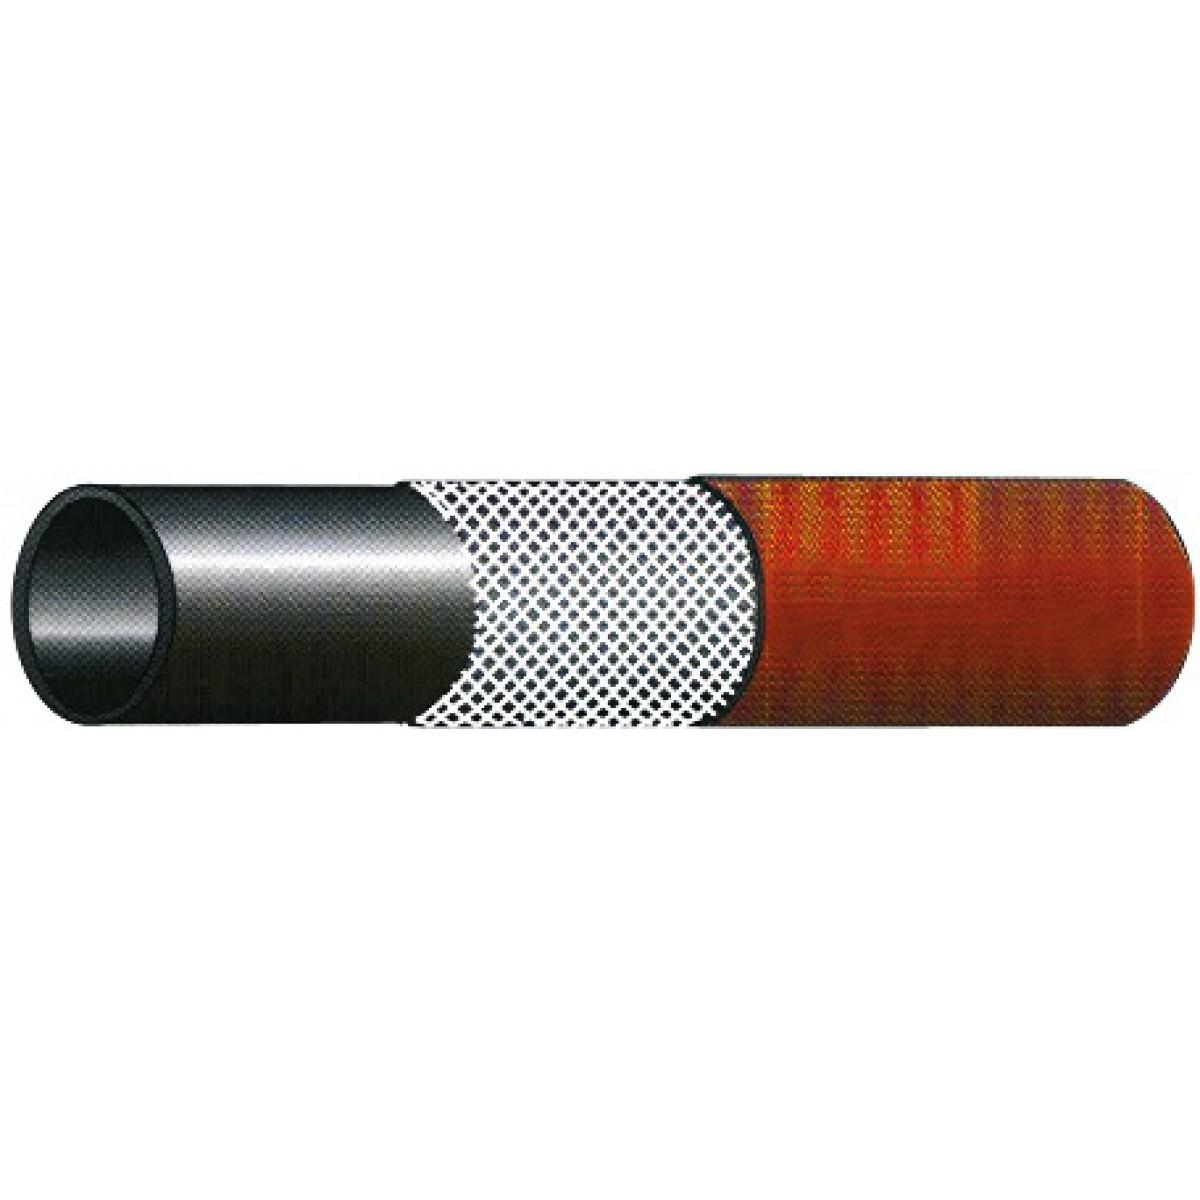 Tuyau propane PVC orange - Diamètre intérieur 8 mm x extérieur 14 mm